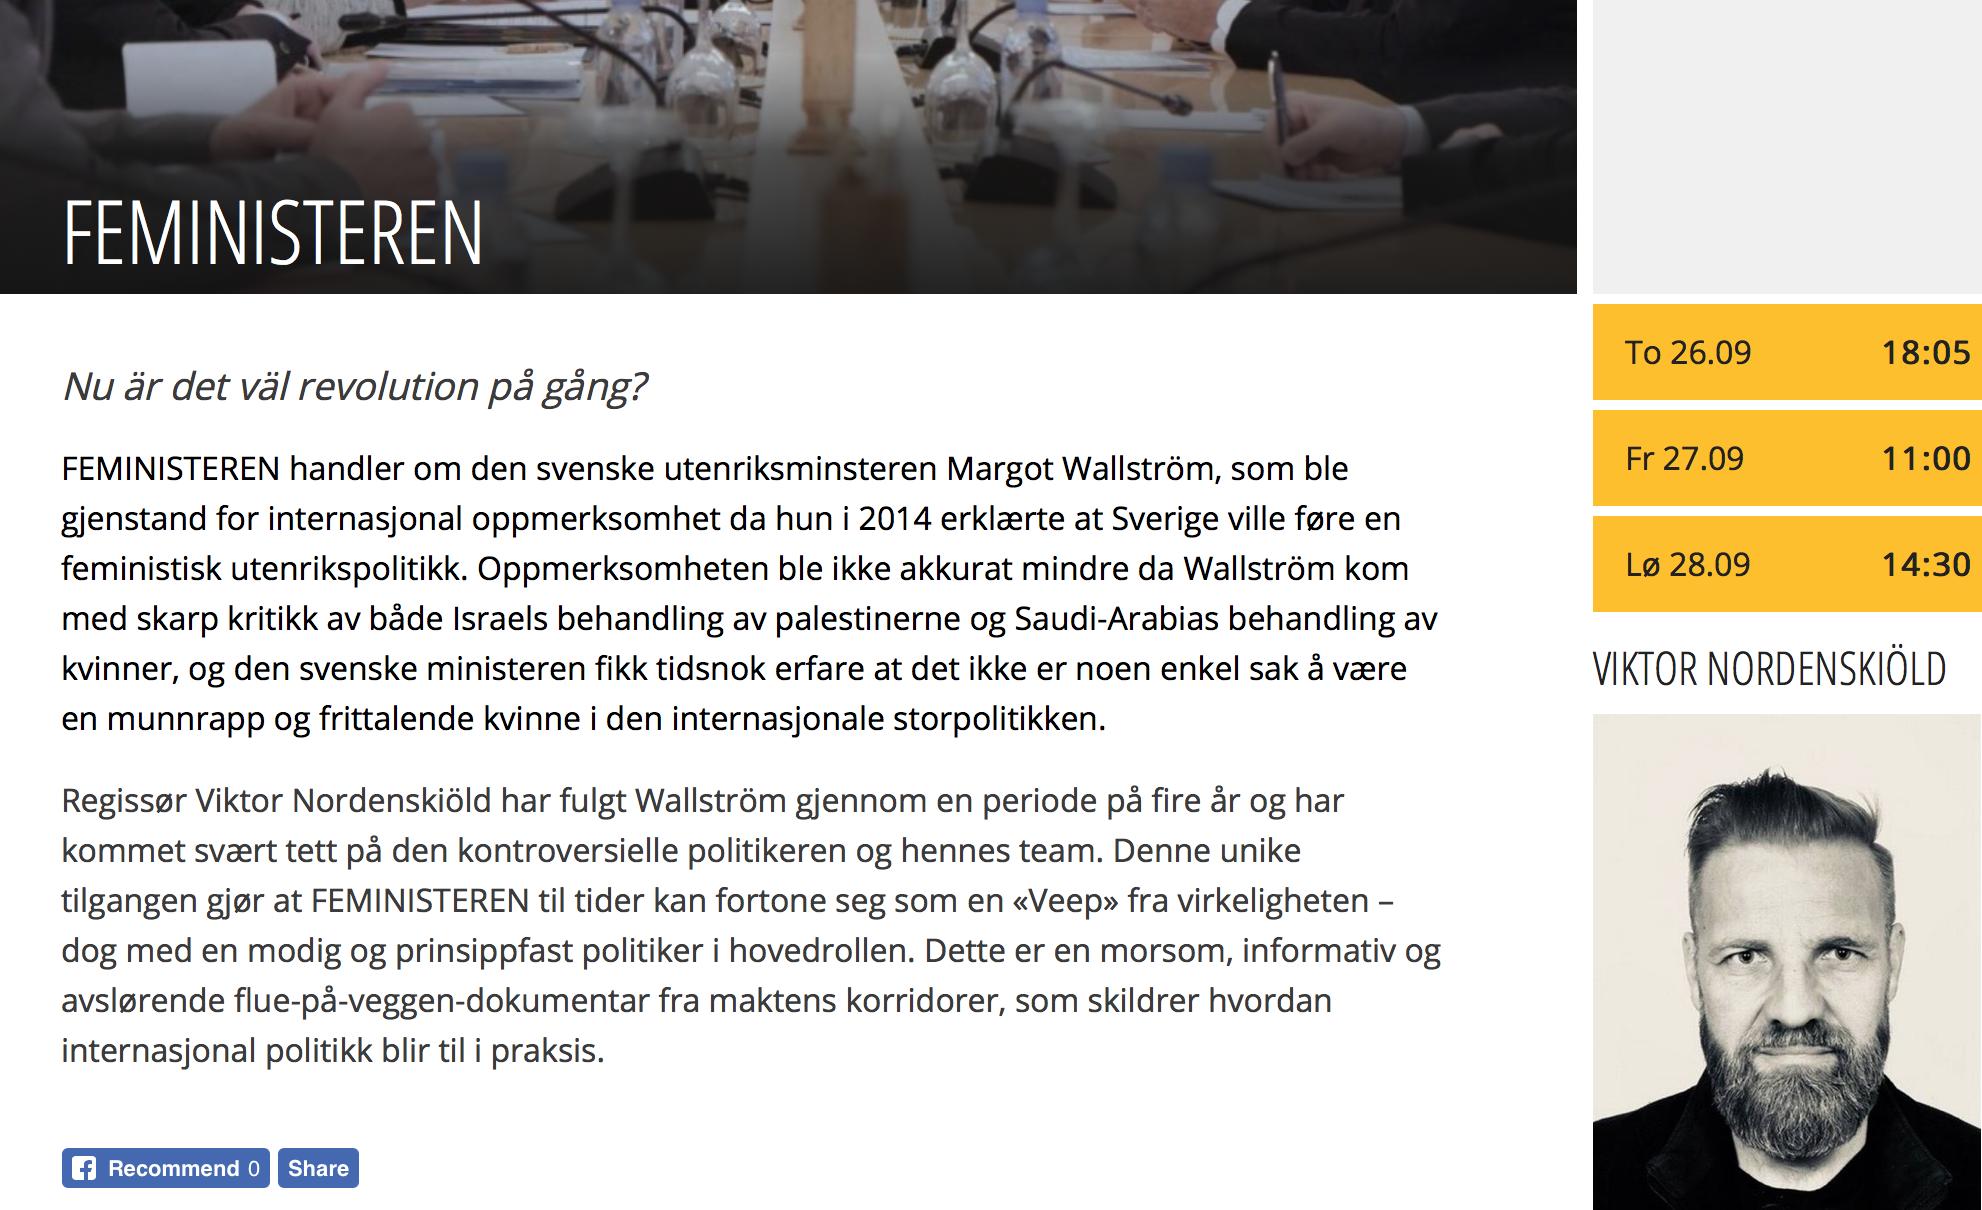 Bergen Internatjonale Film FestivalSept 25-Oct 3, 2019 -